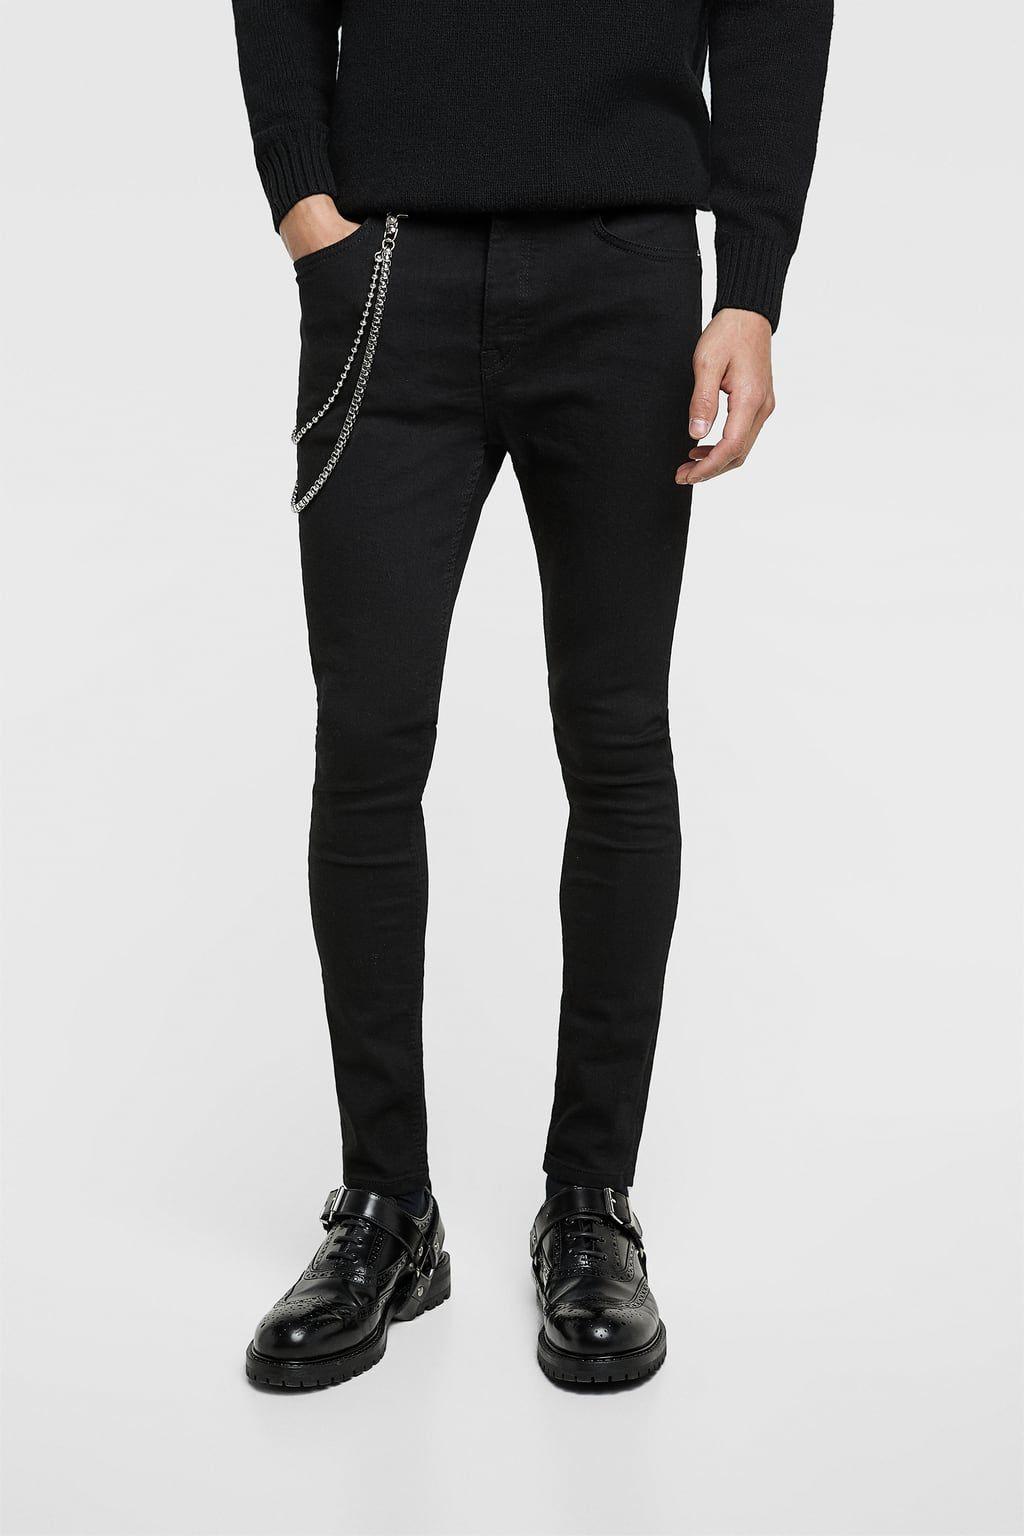 Ripped Denim Jacket En 2020 Moda Casual Hombre Pantalones De Hombre Vaqueros Hombre